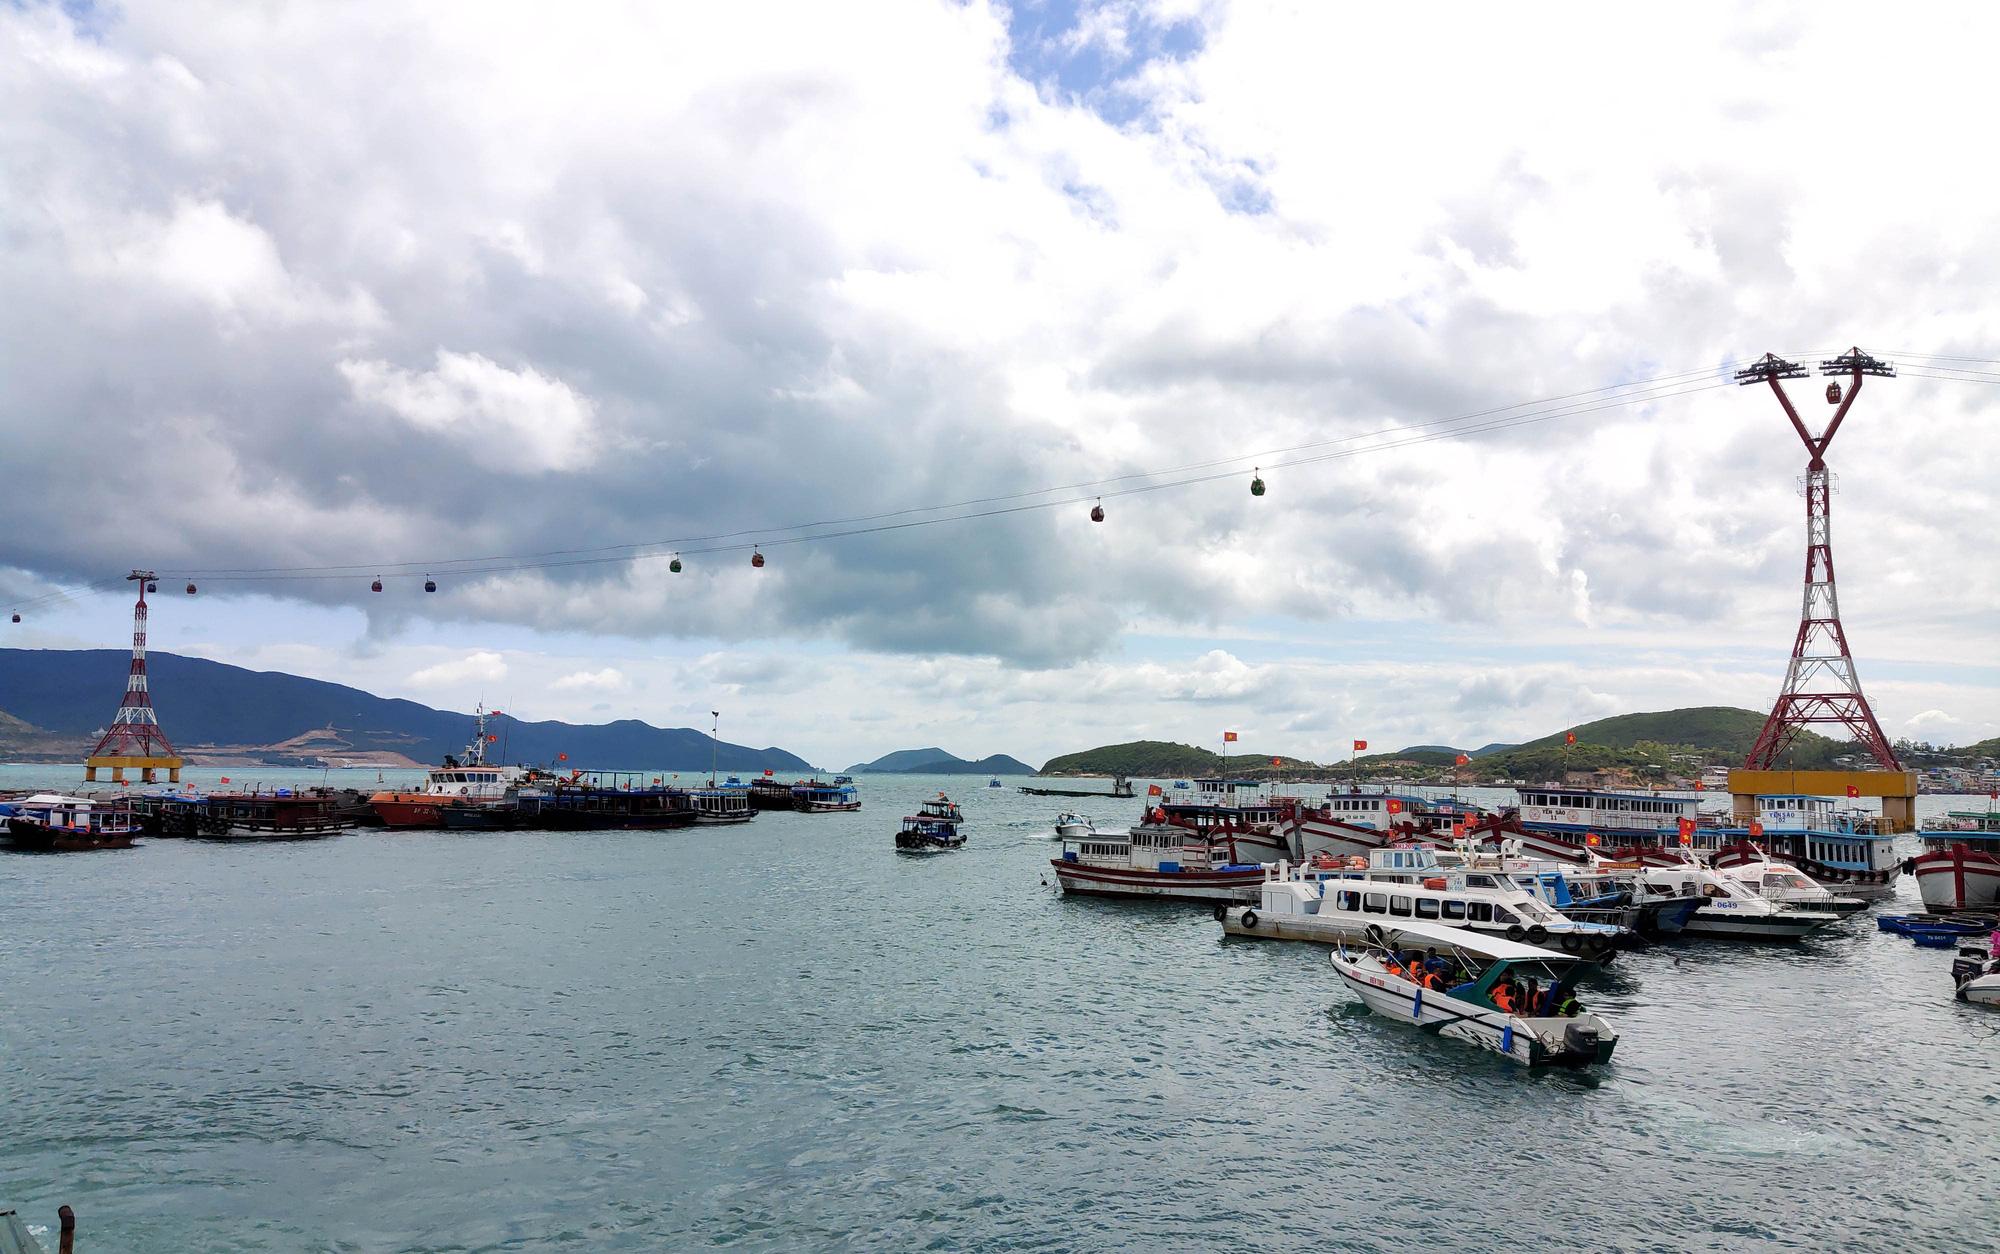 Dịch Covid-19: Doanh nghiệp du lịch Khánh Hòa tung gói kích cầu - Ảnh 2.